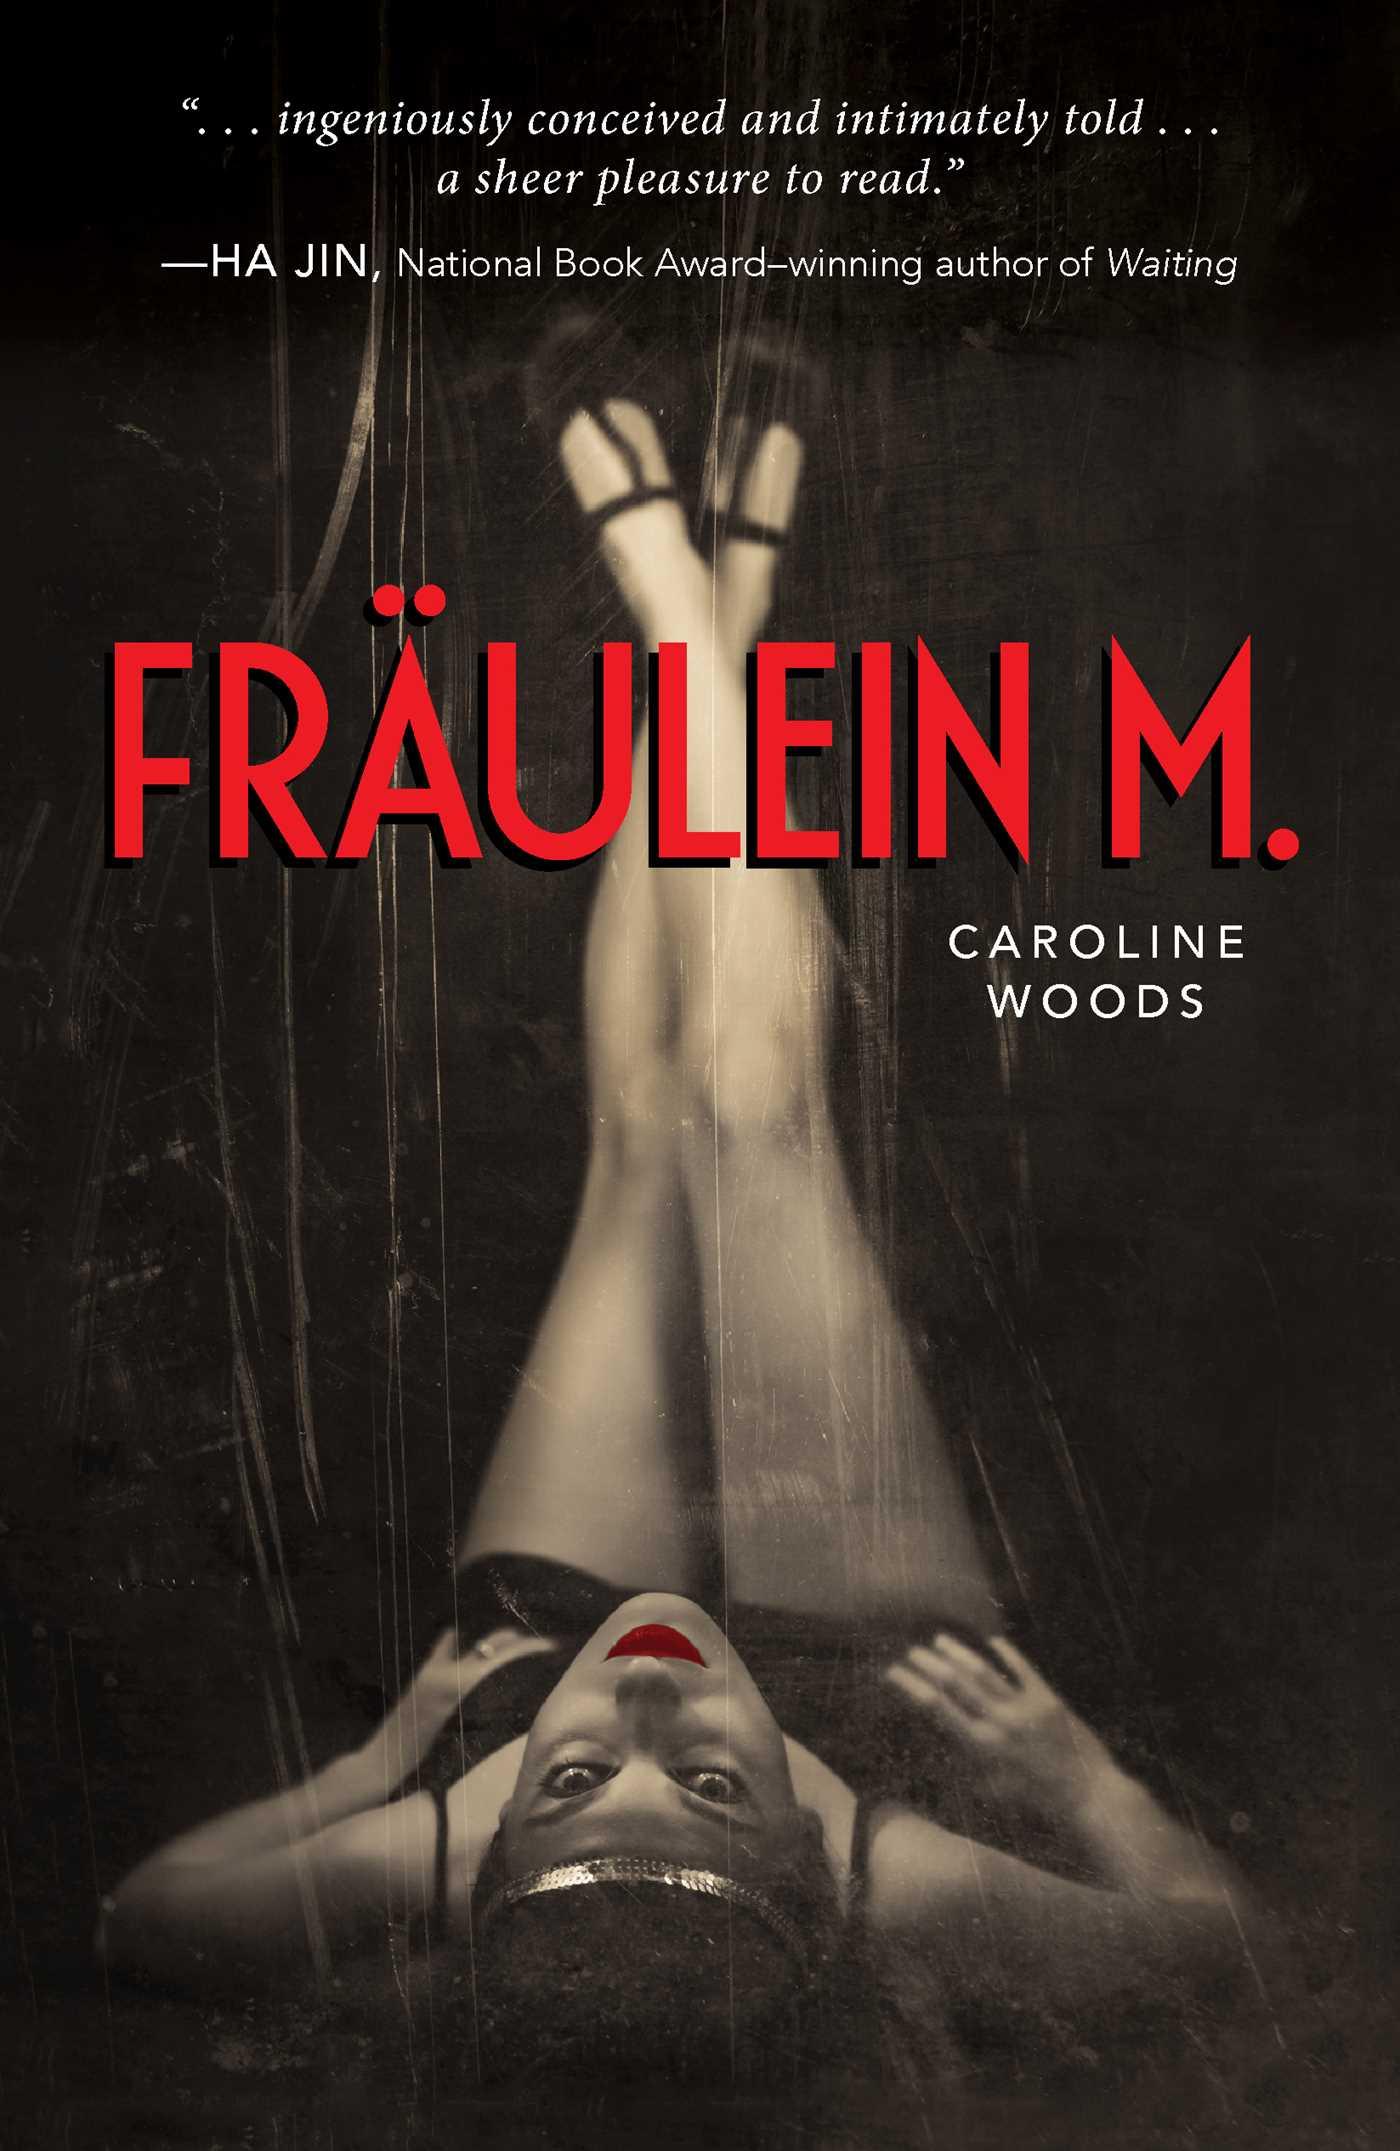 Fraulein m 9781507200216 hr